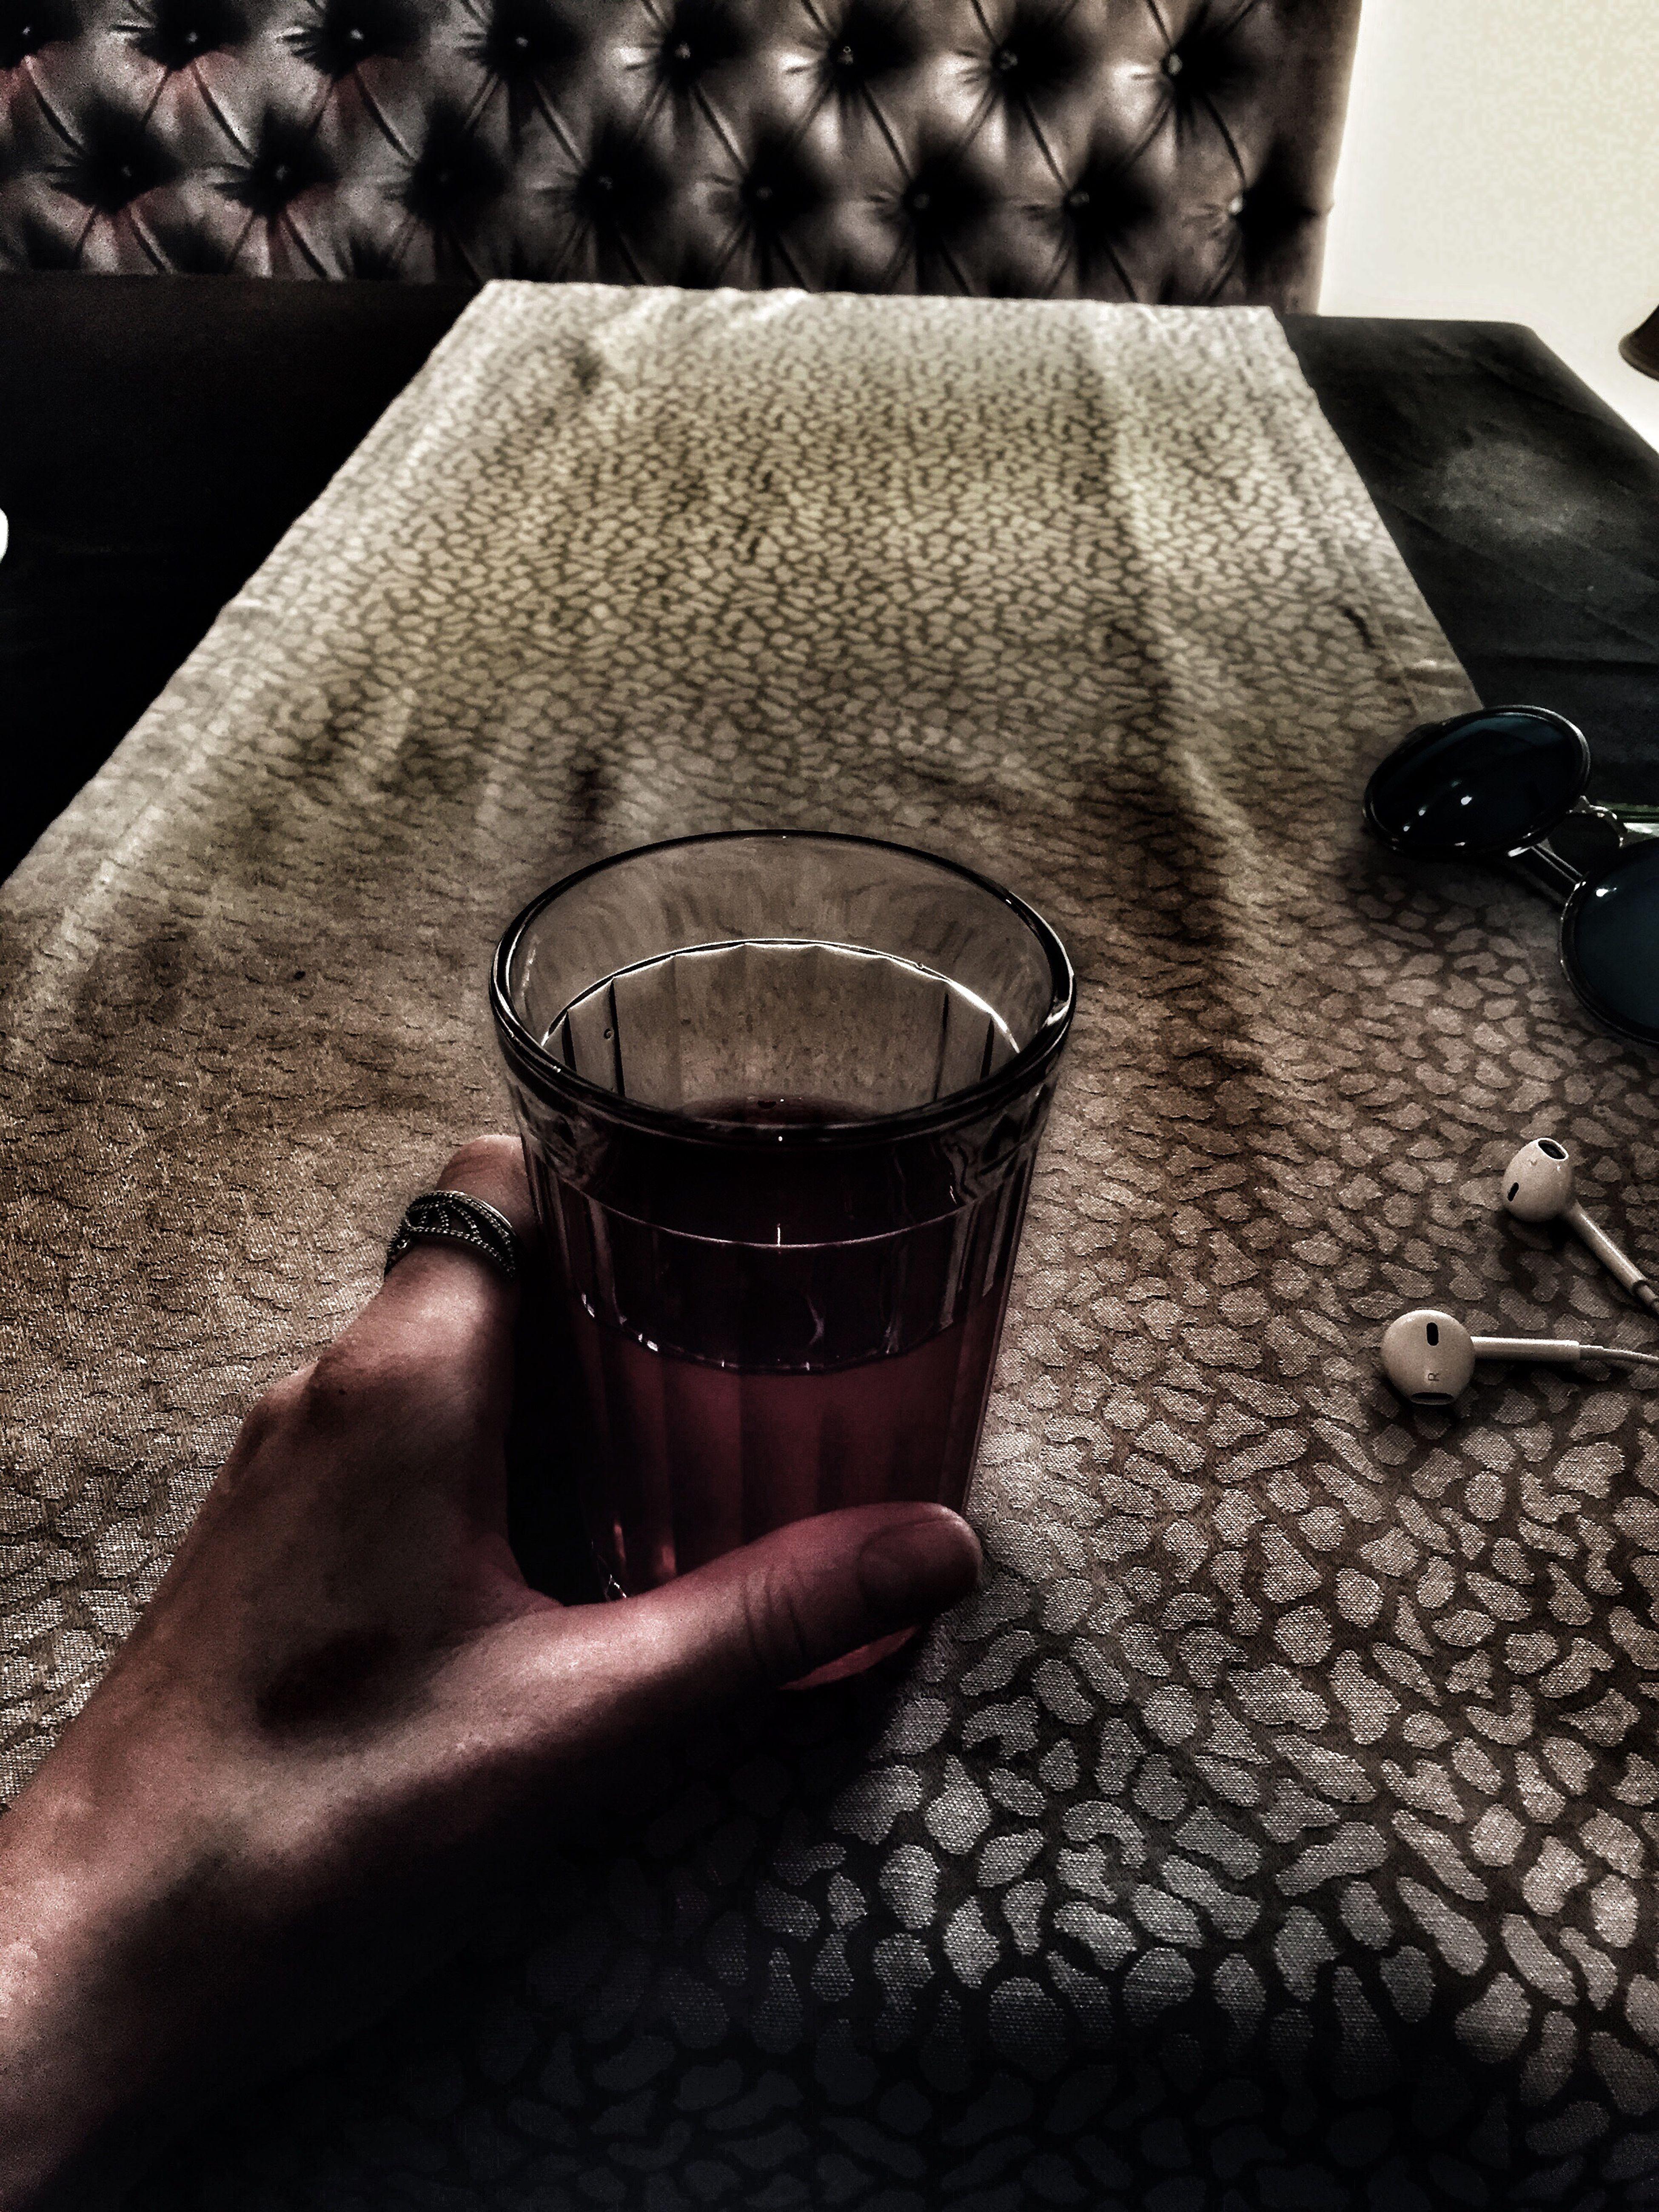 Votstolstakanimorsashkval Drink Msk ♥ Drinking Glass Mors